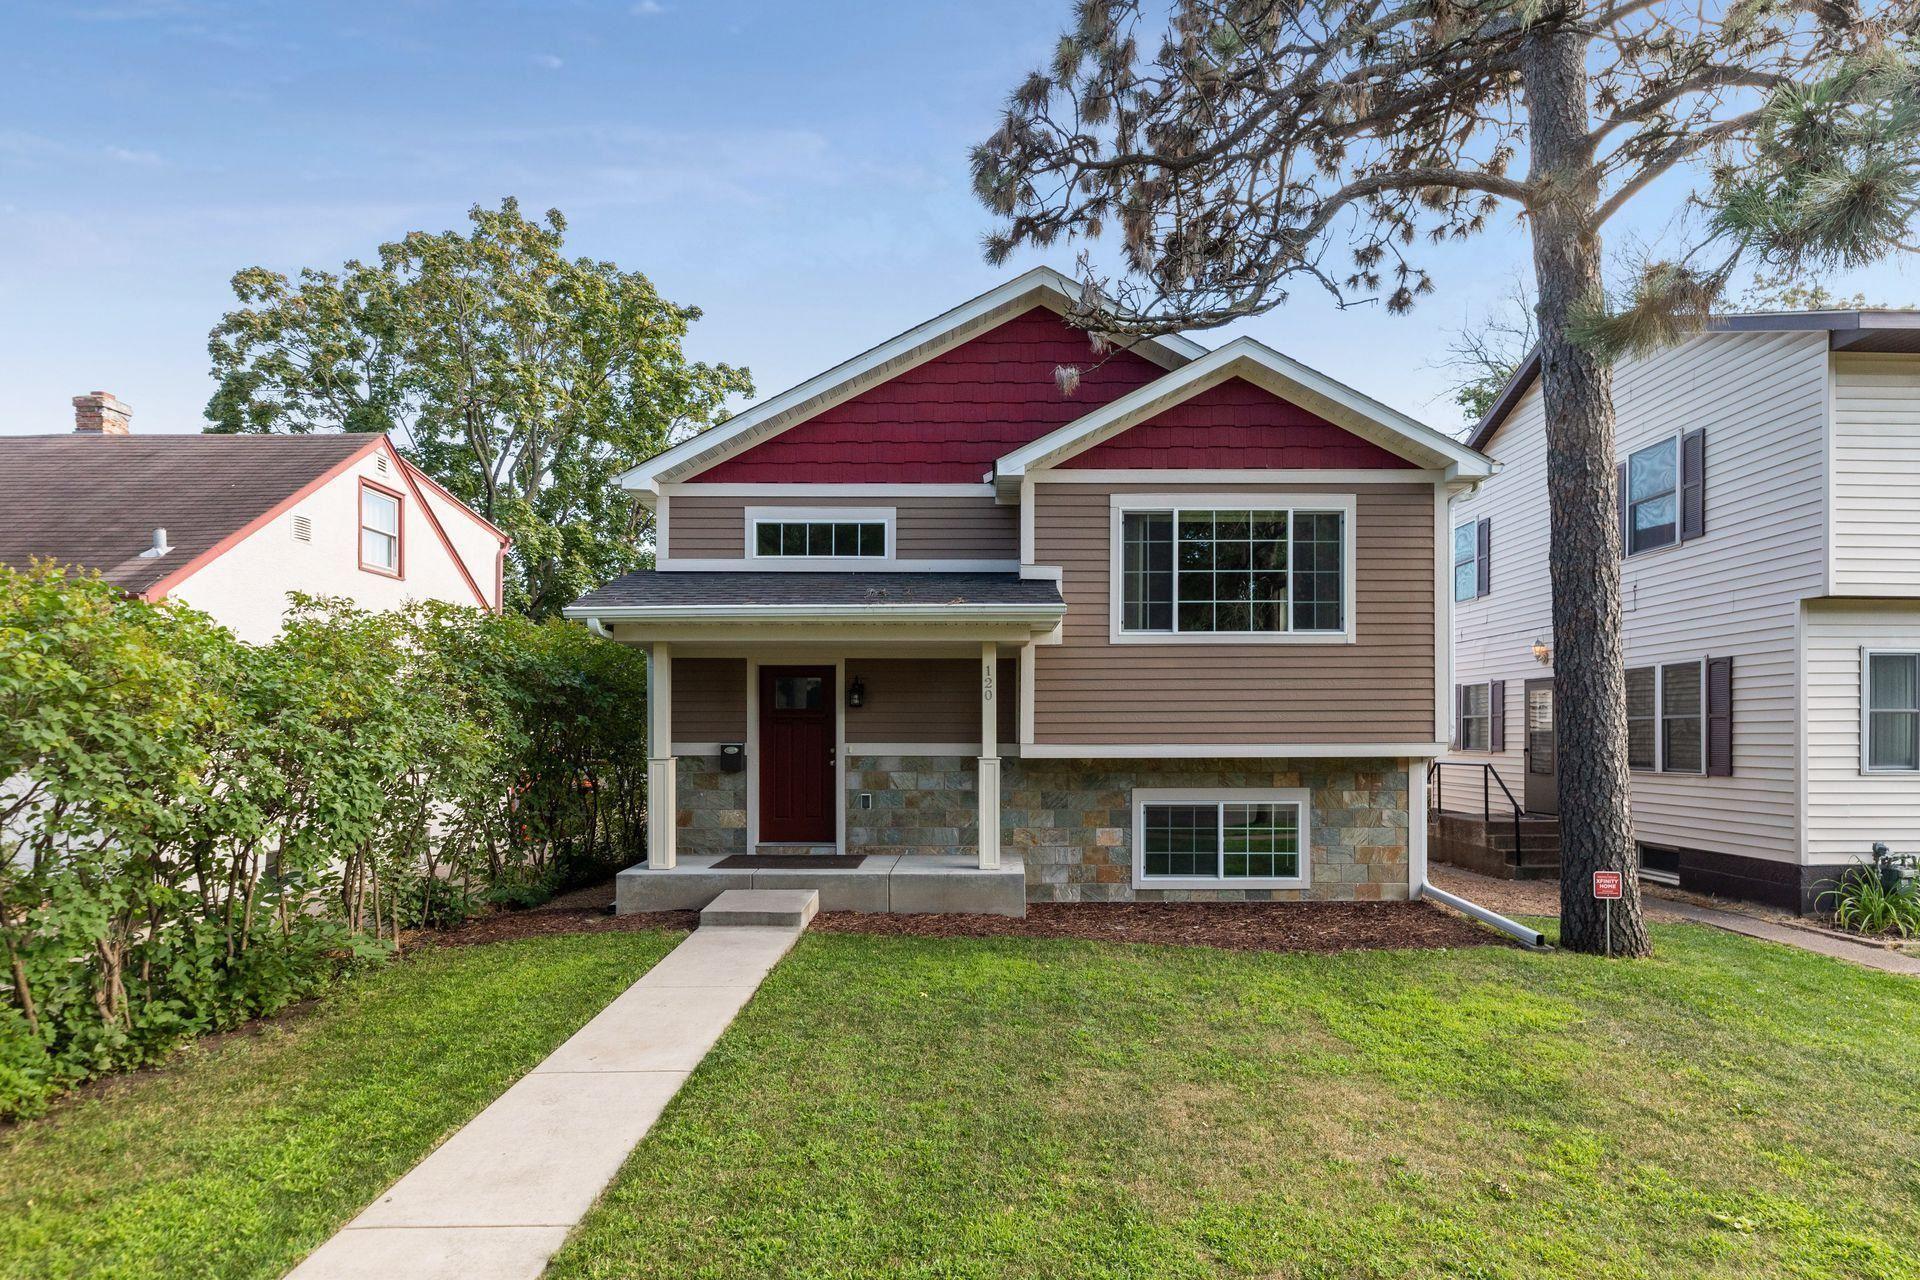 120 E Frost Street, South Saint Paul, MN 55075 - MLS#: 5663275